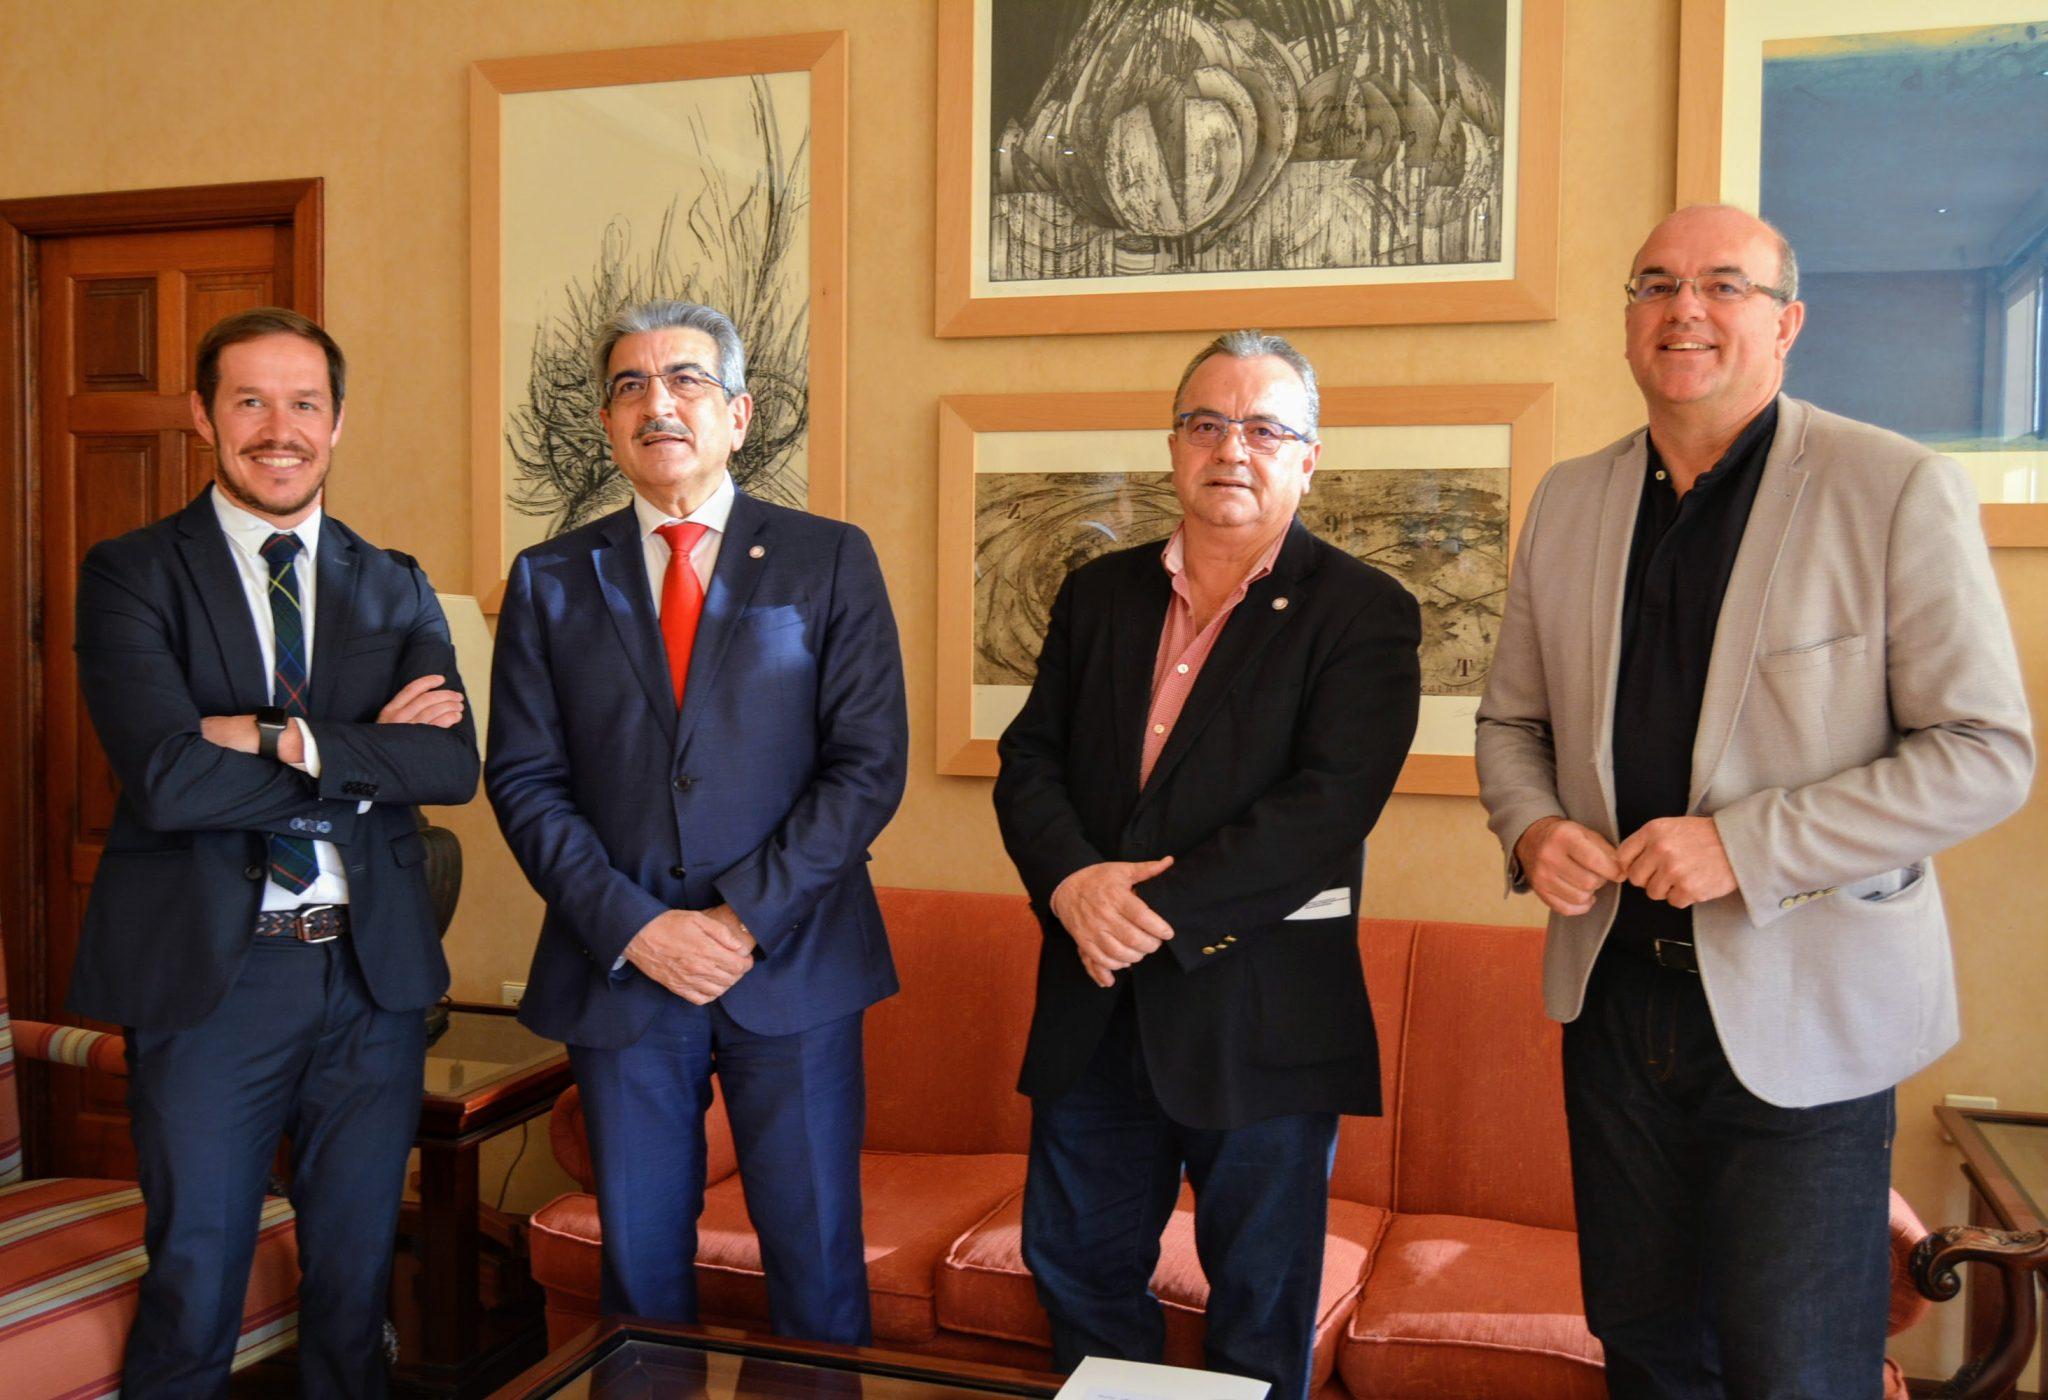 El vicepresidente del Gobierno de Canarias, Román Rodríguez, junto a Mariano Hernández Zapata, Anselmo Pestana y Miguel Ángel Pulido. DA